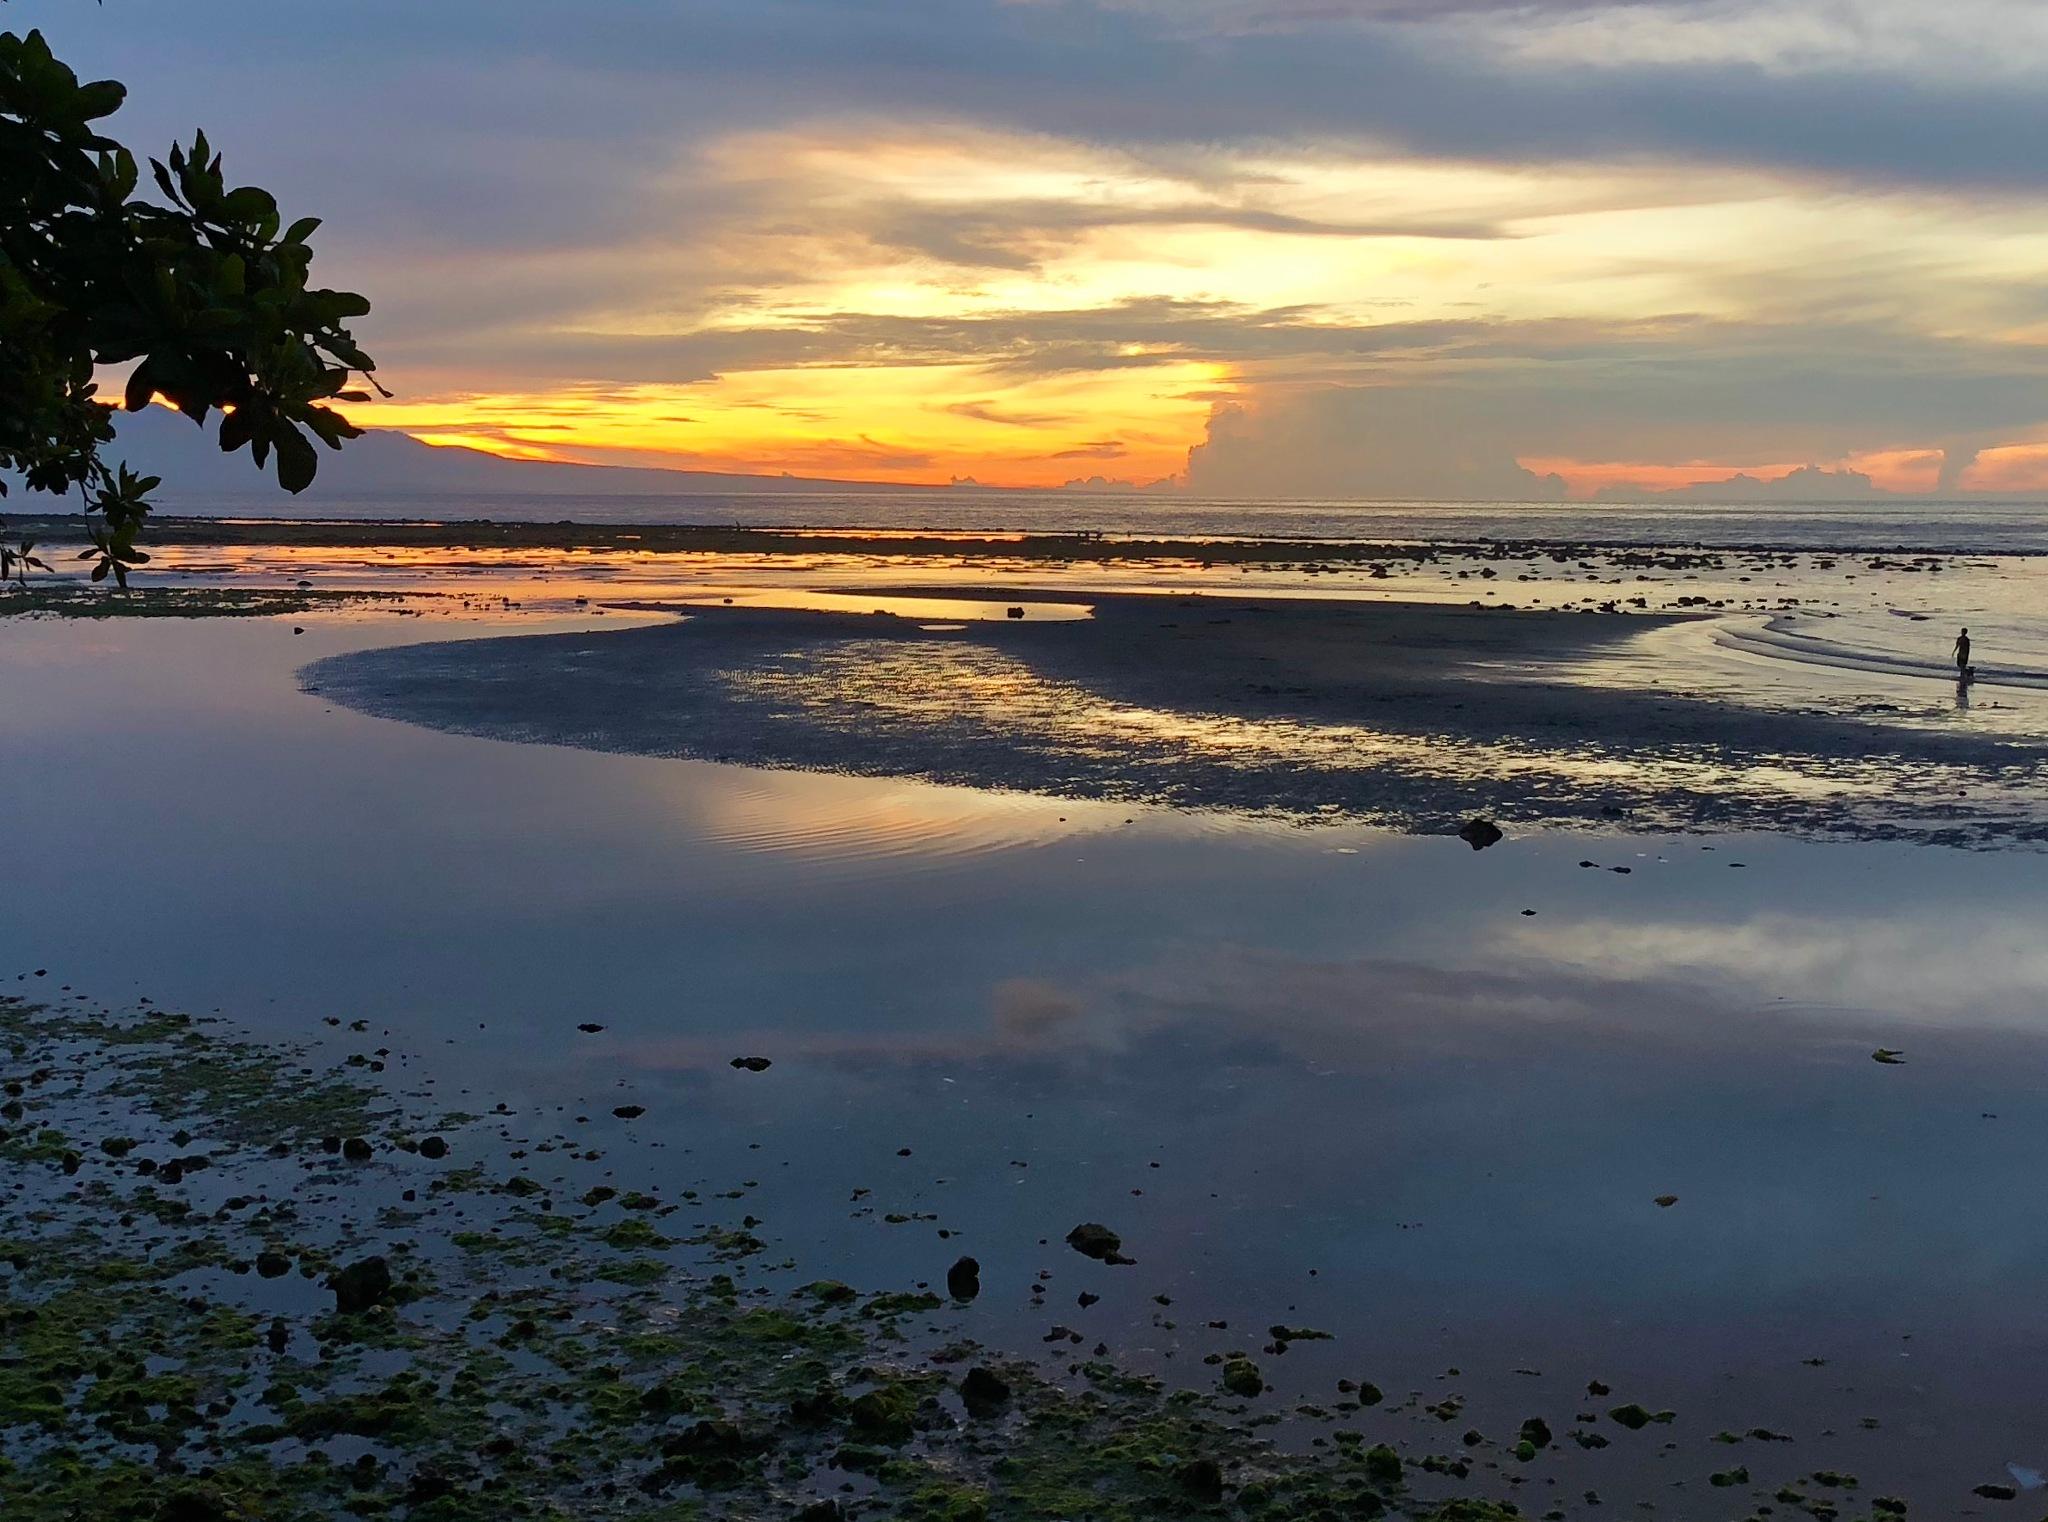 Sunset at the Bay by Inamorata